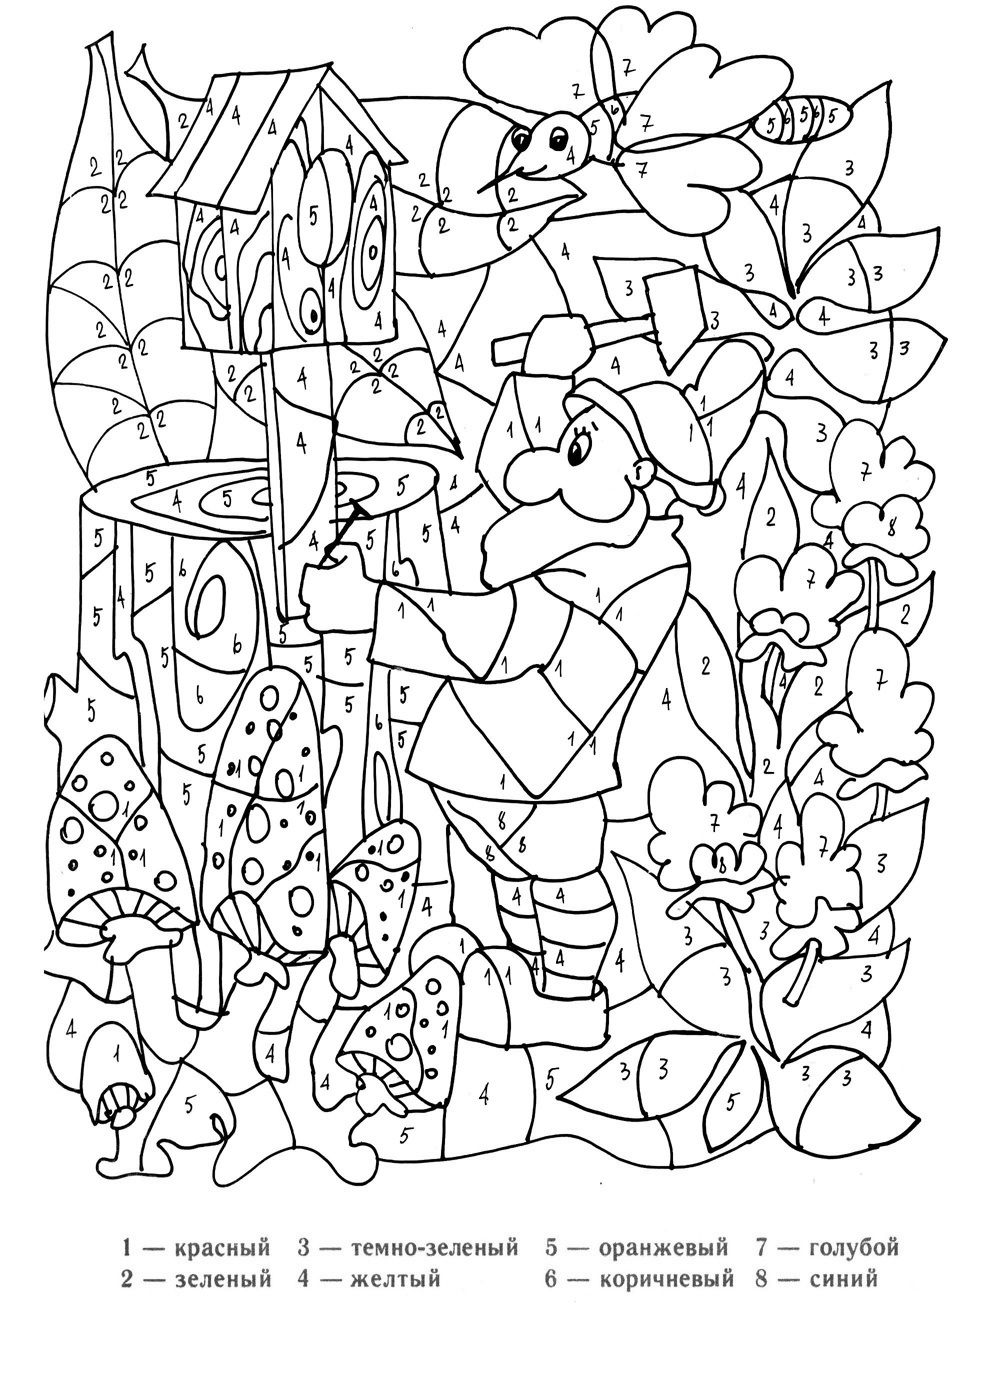 Раскраски для мальчиков с примерами - 8